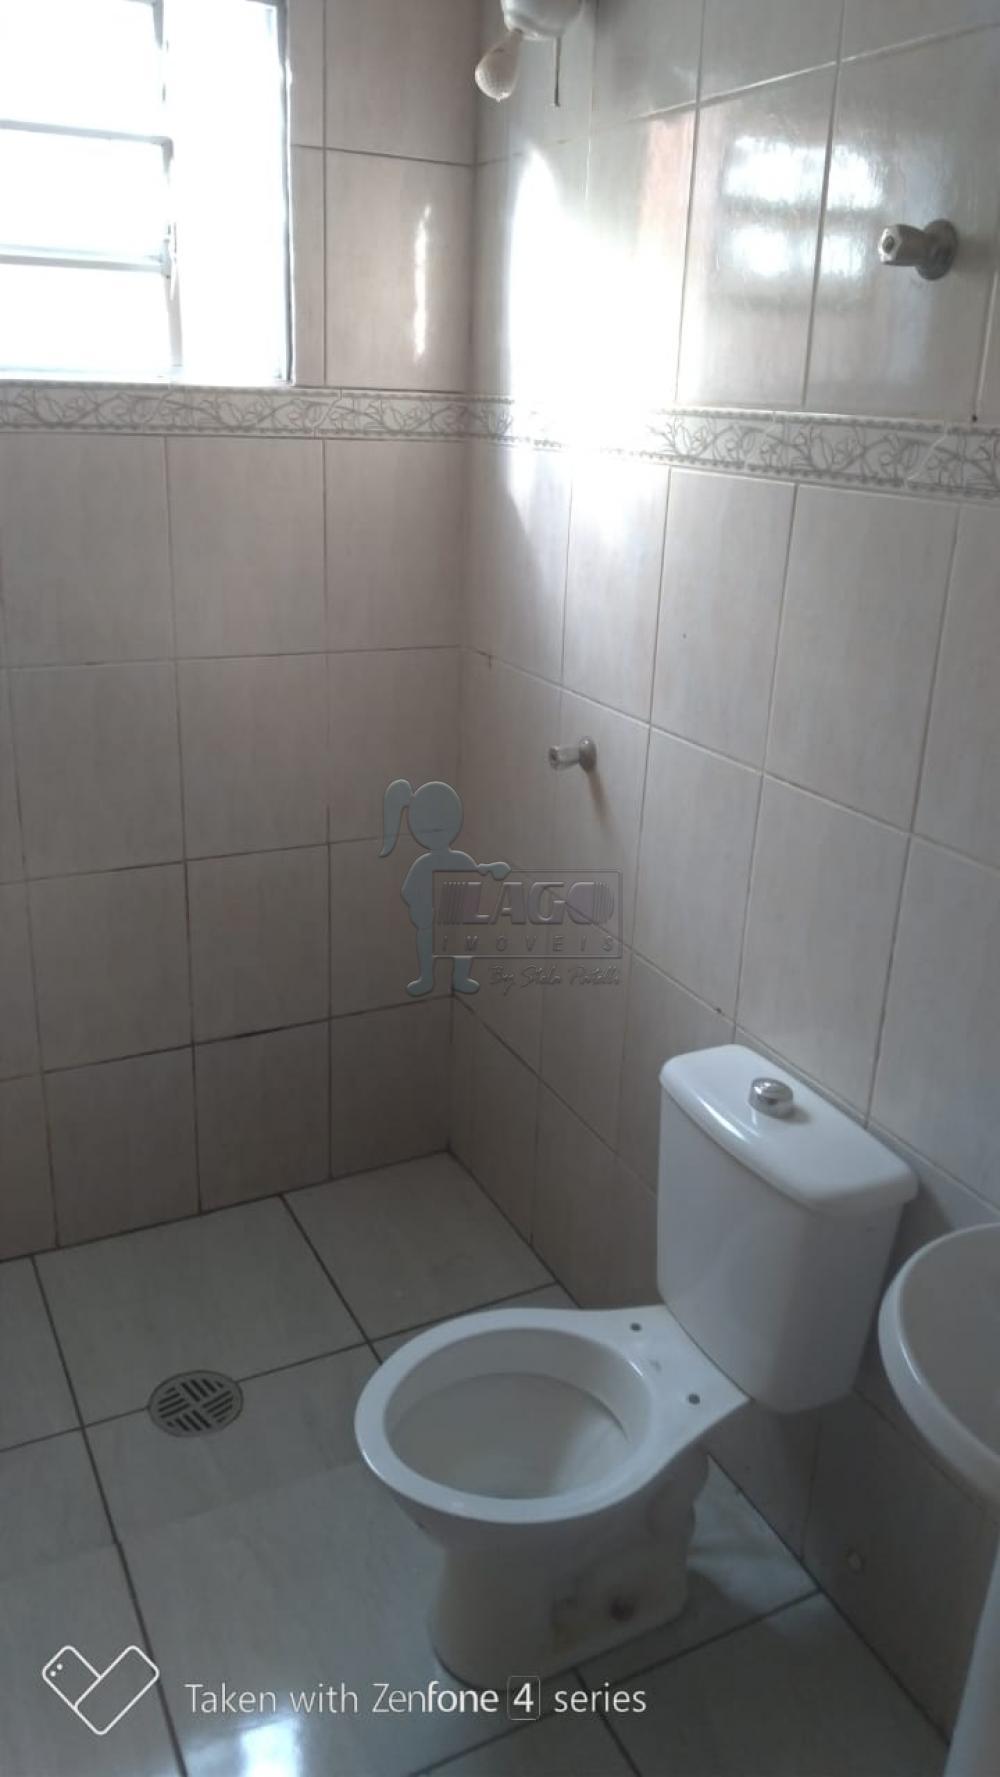 Comprar Casas / Padrão em Ribeirão Preto apenas R$ 180.000,00 - Foto 17